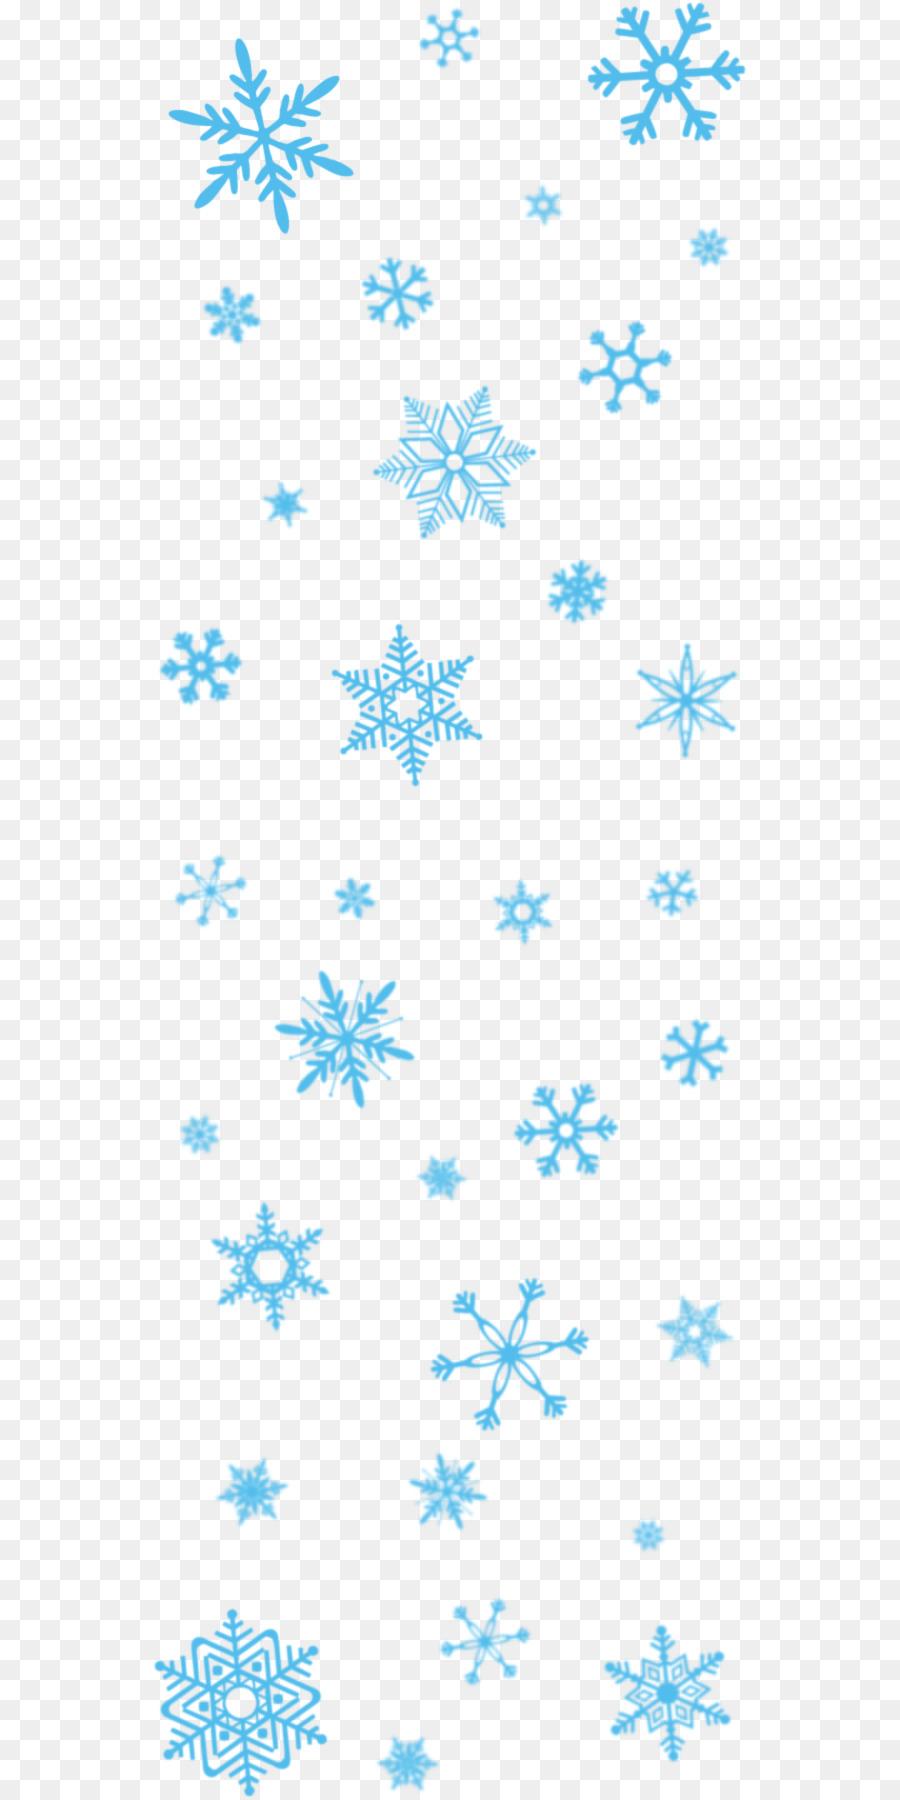 Descarga gratuita de Copo De Nieve, La Nieve, Hielo imágenes PNG